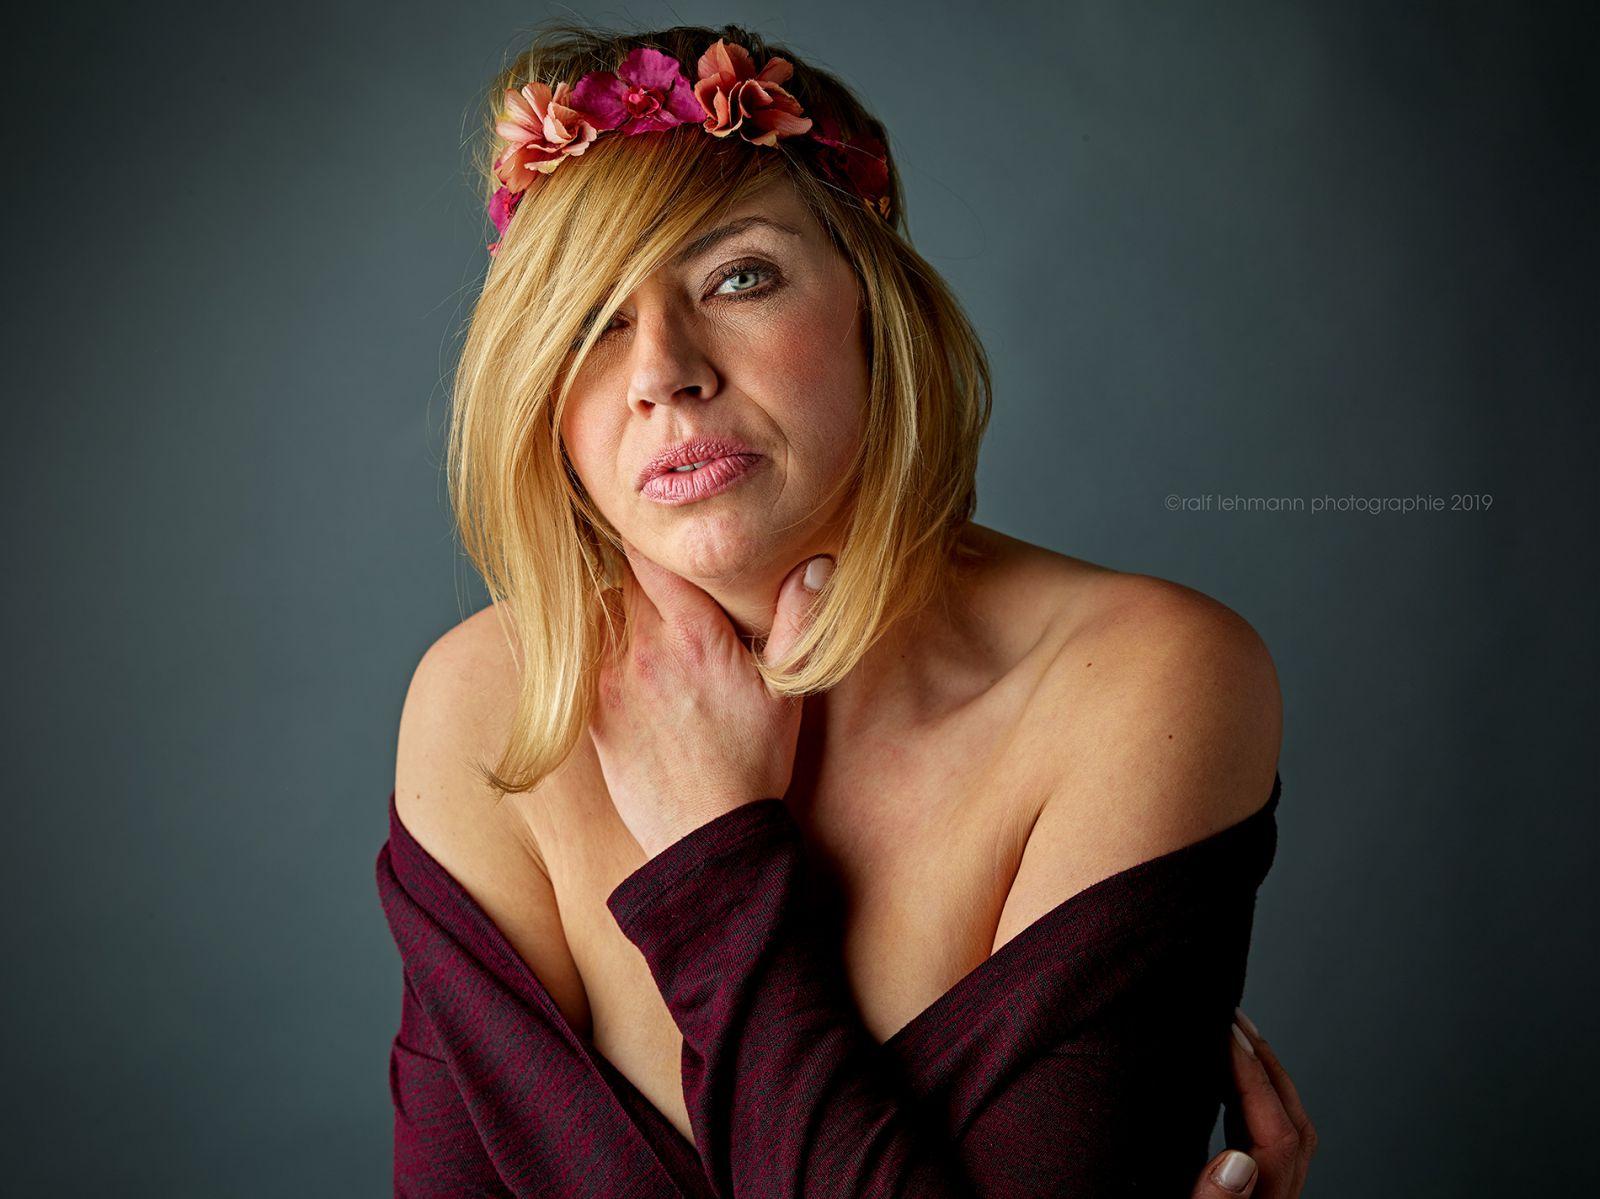 Bild einer jungen Frau mit Blumenkranz im Haar. Entstanden in meinem Photostudio in Remscheid.